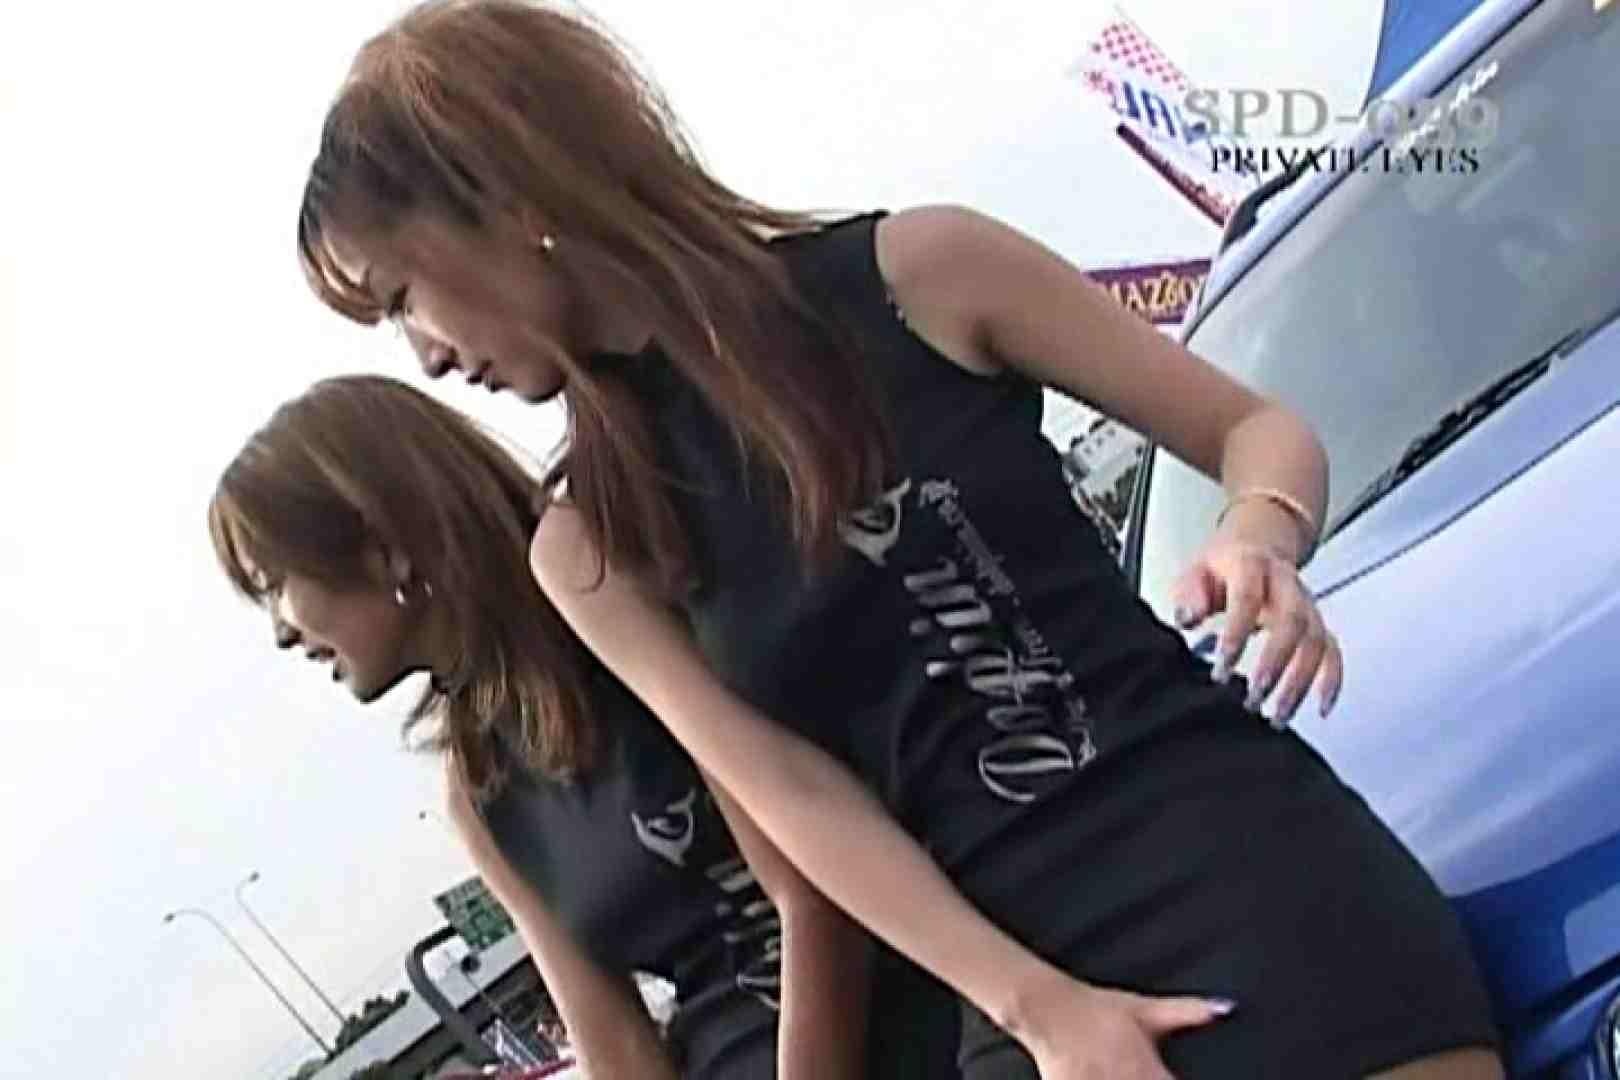 高画質版!SPD-039 ザ・コンパニオン 2001 ワゴンカーフェスティバル 高画質 盗撮動画紹介 75pic 62